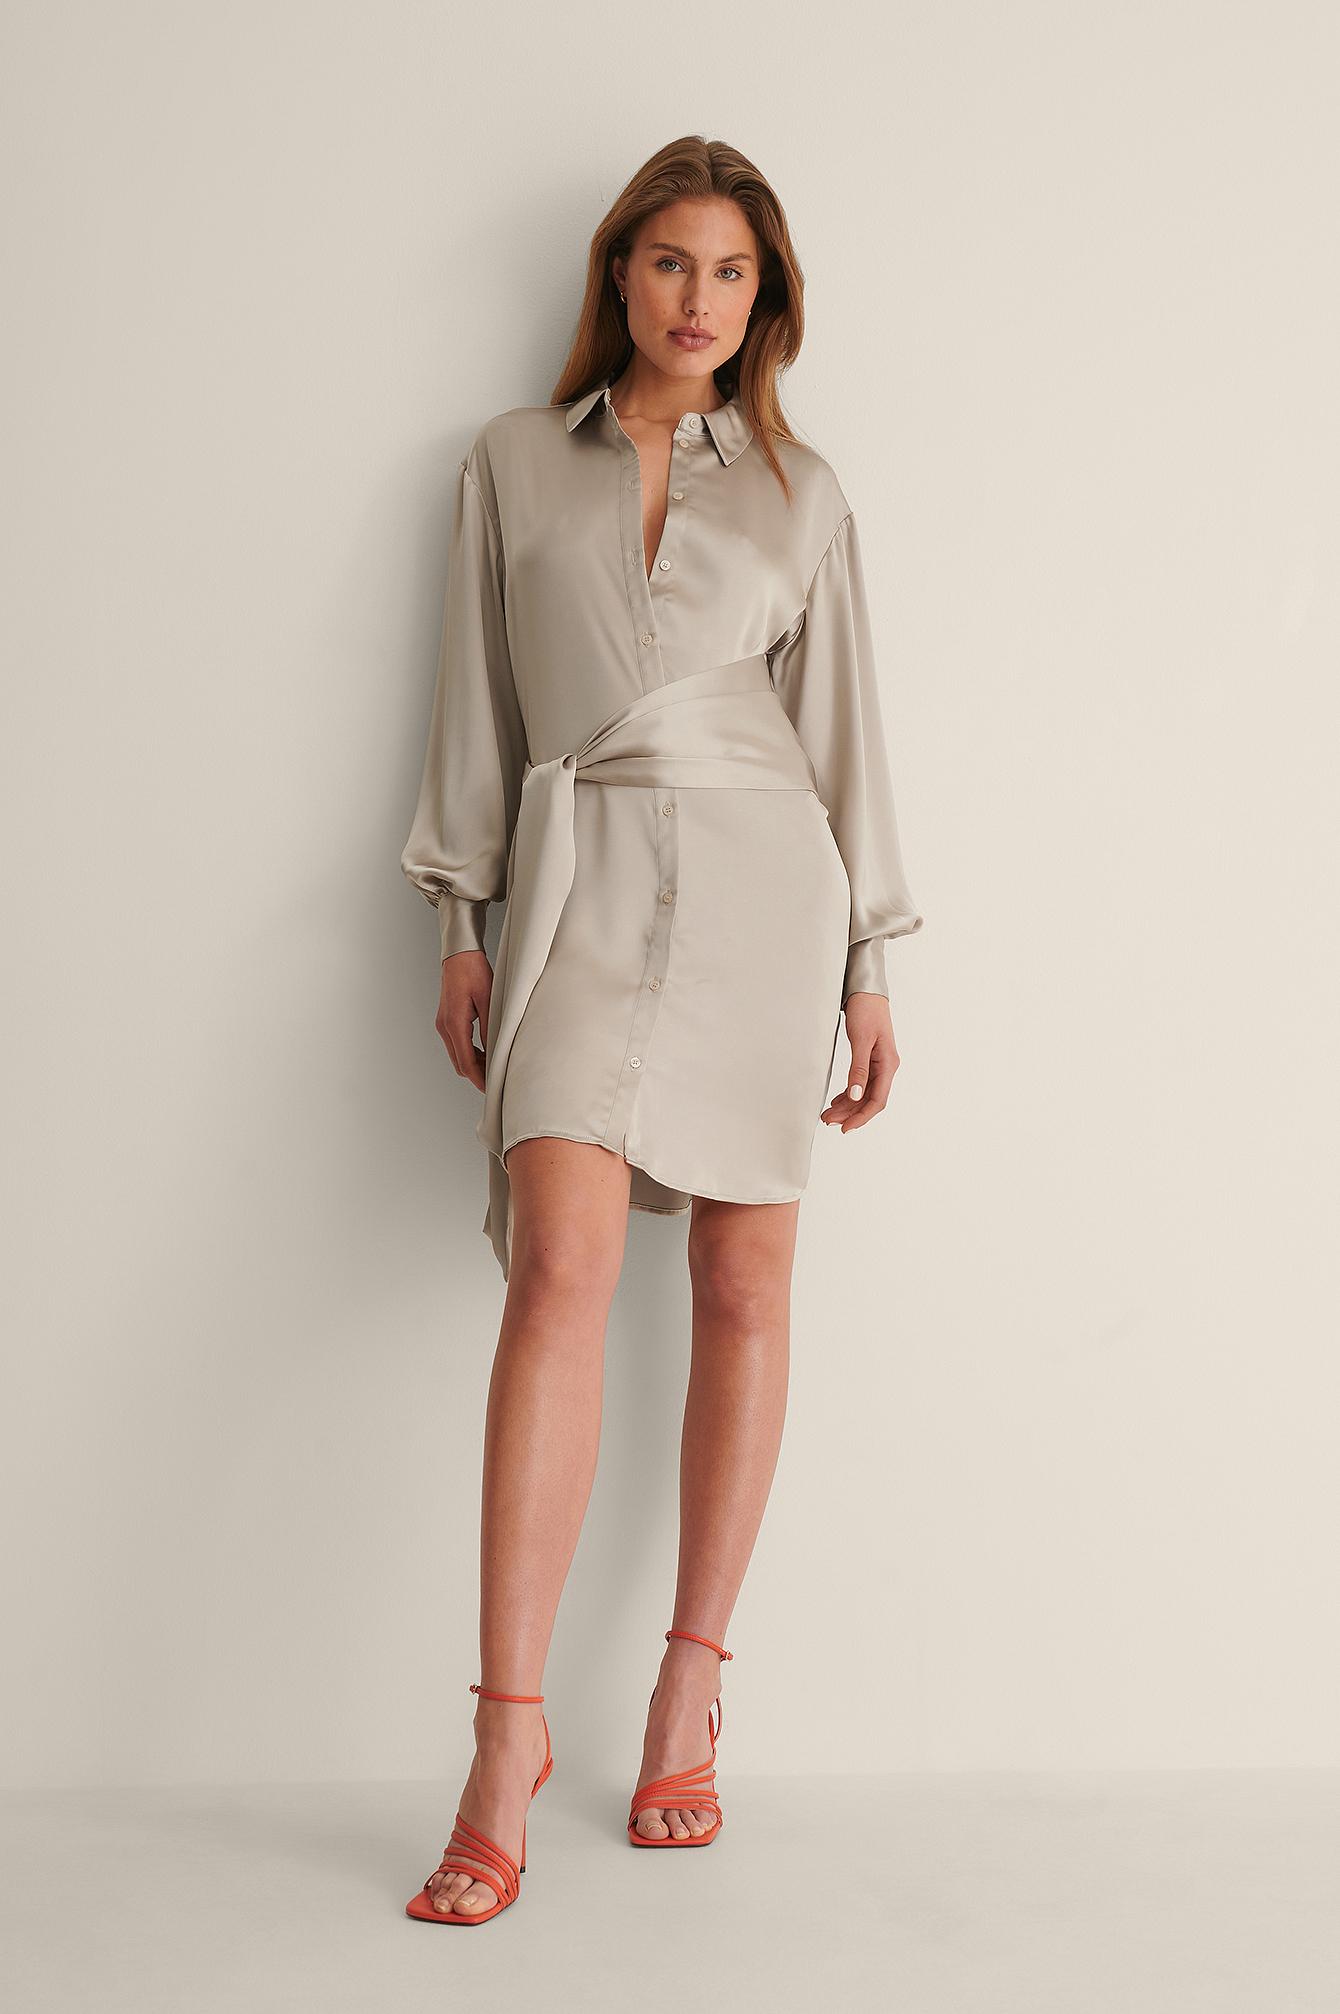 curated styles -  Aus Satin Hemdkleid Mit Knoten VorneRecycelt Hemdkleid Mit Knoten Vorne - Beige